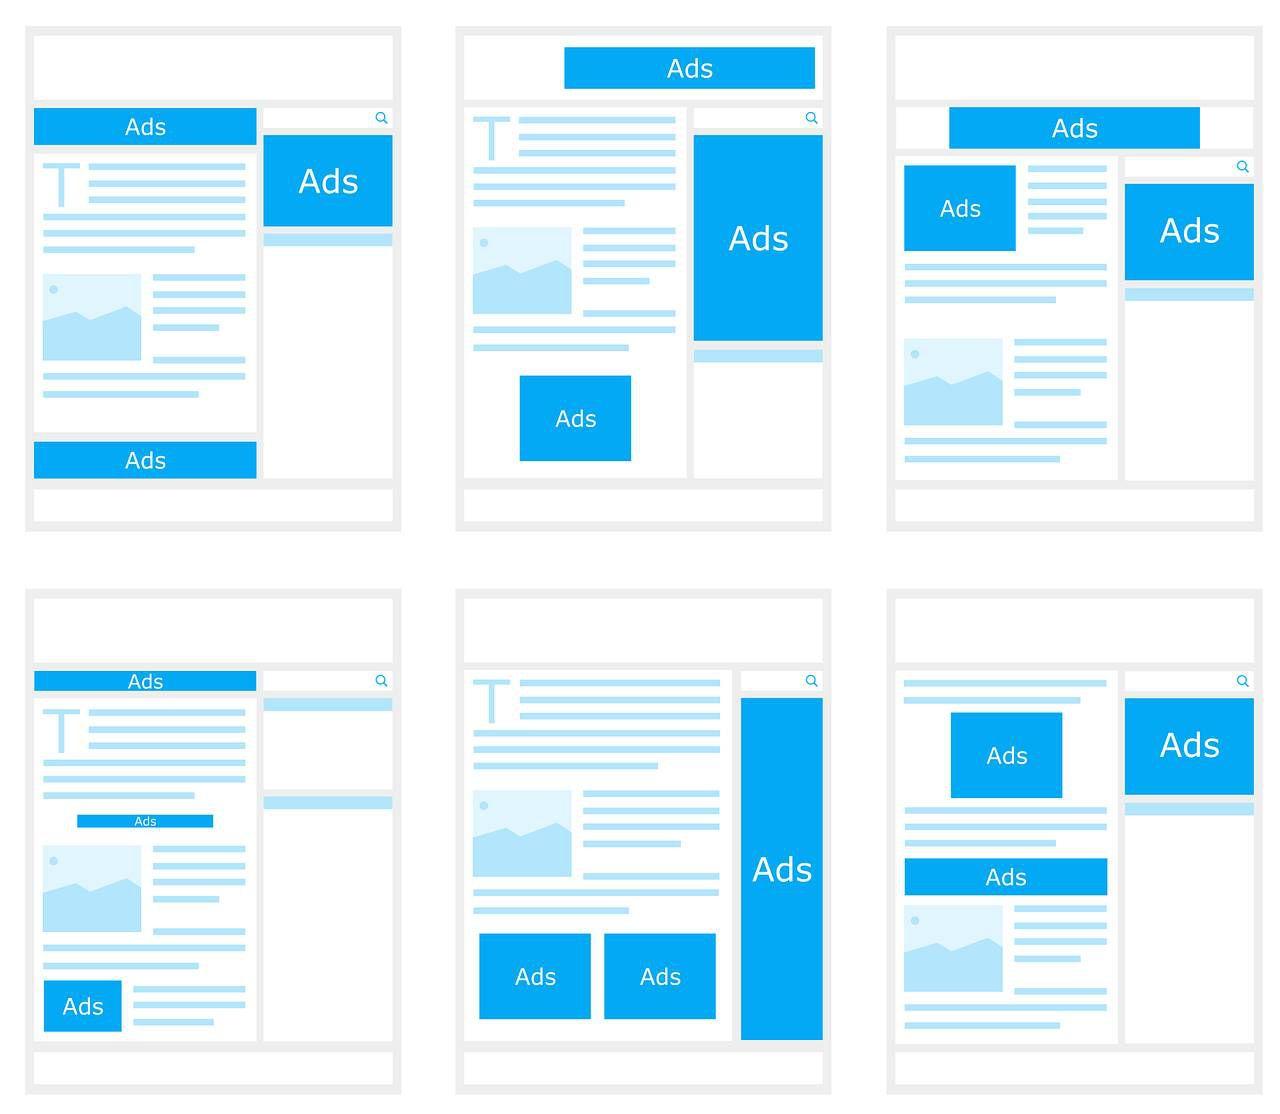 Schémas de pages internet où l'on voit les encarts publicitaires.